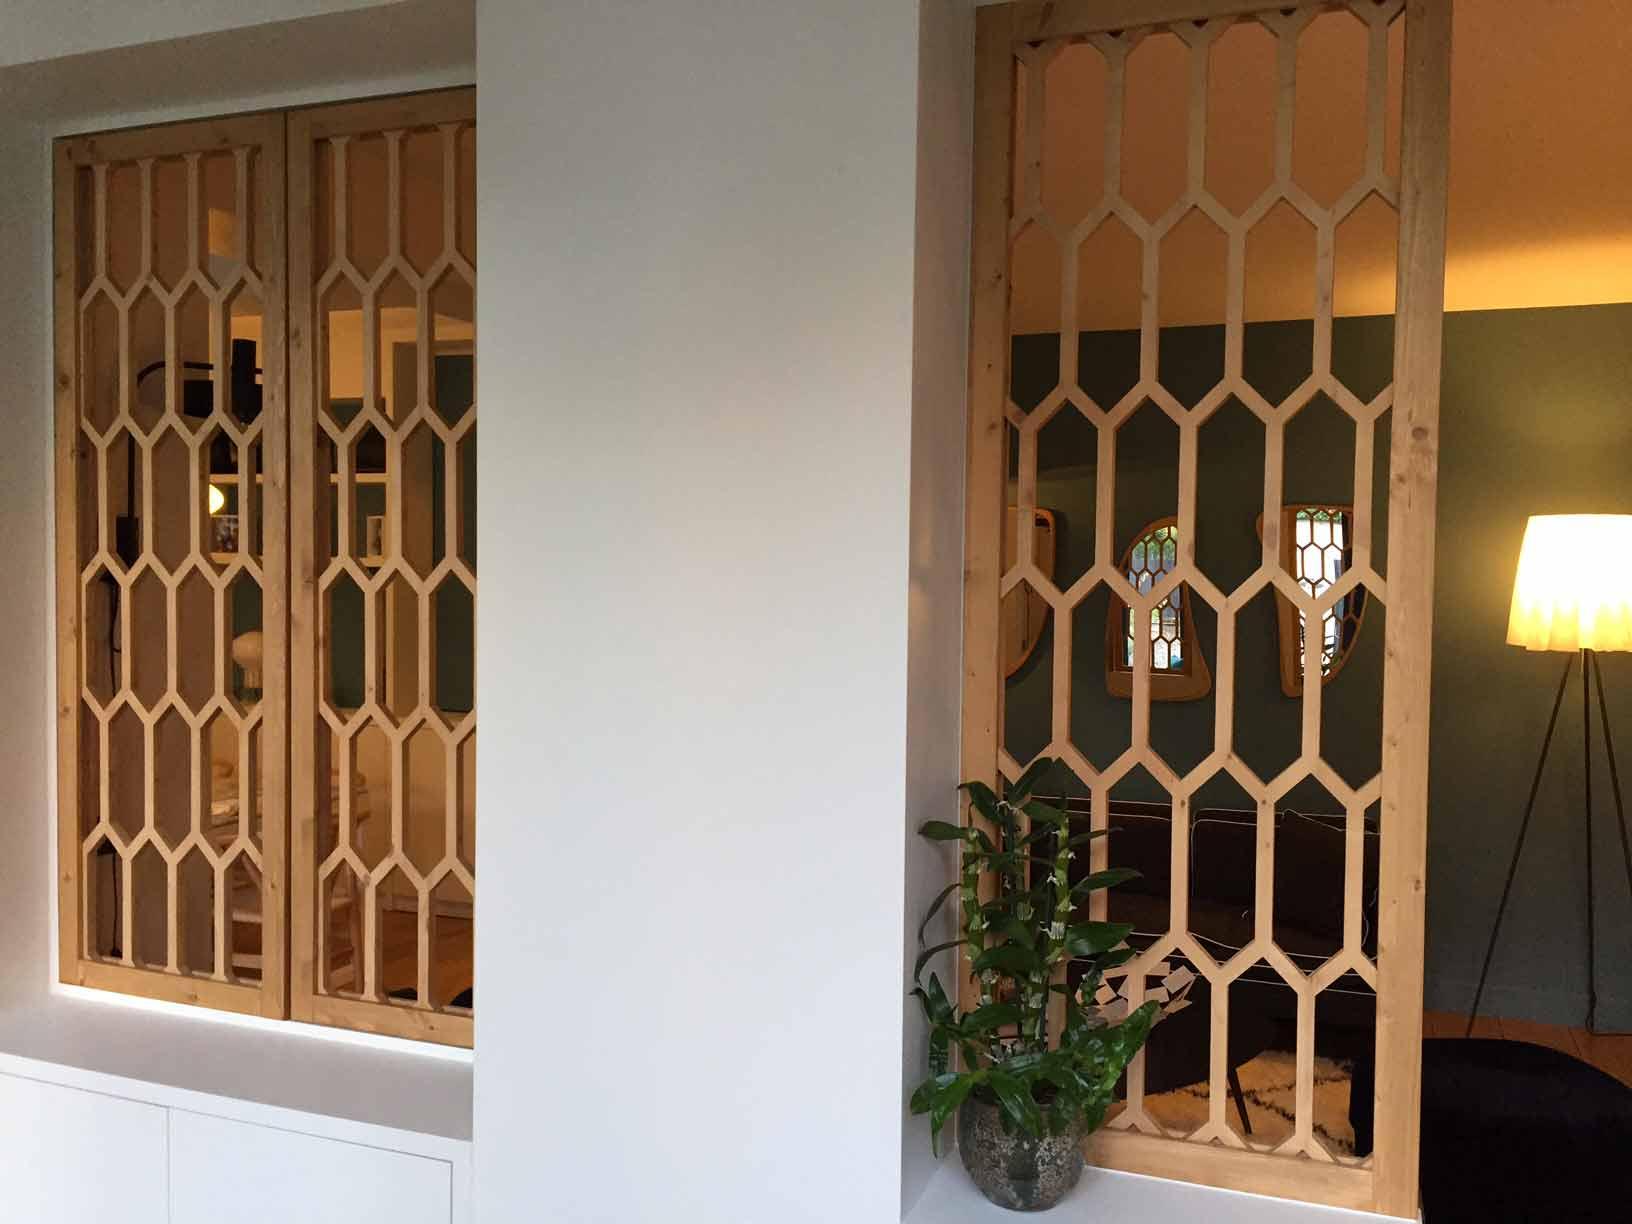 Claustra bois apicula - Separation de salon ...